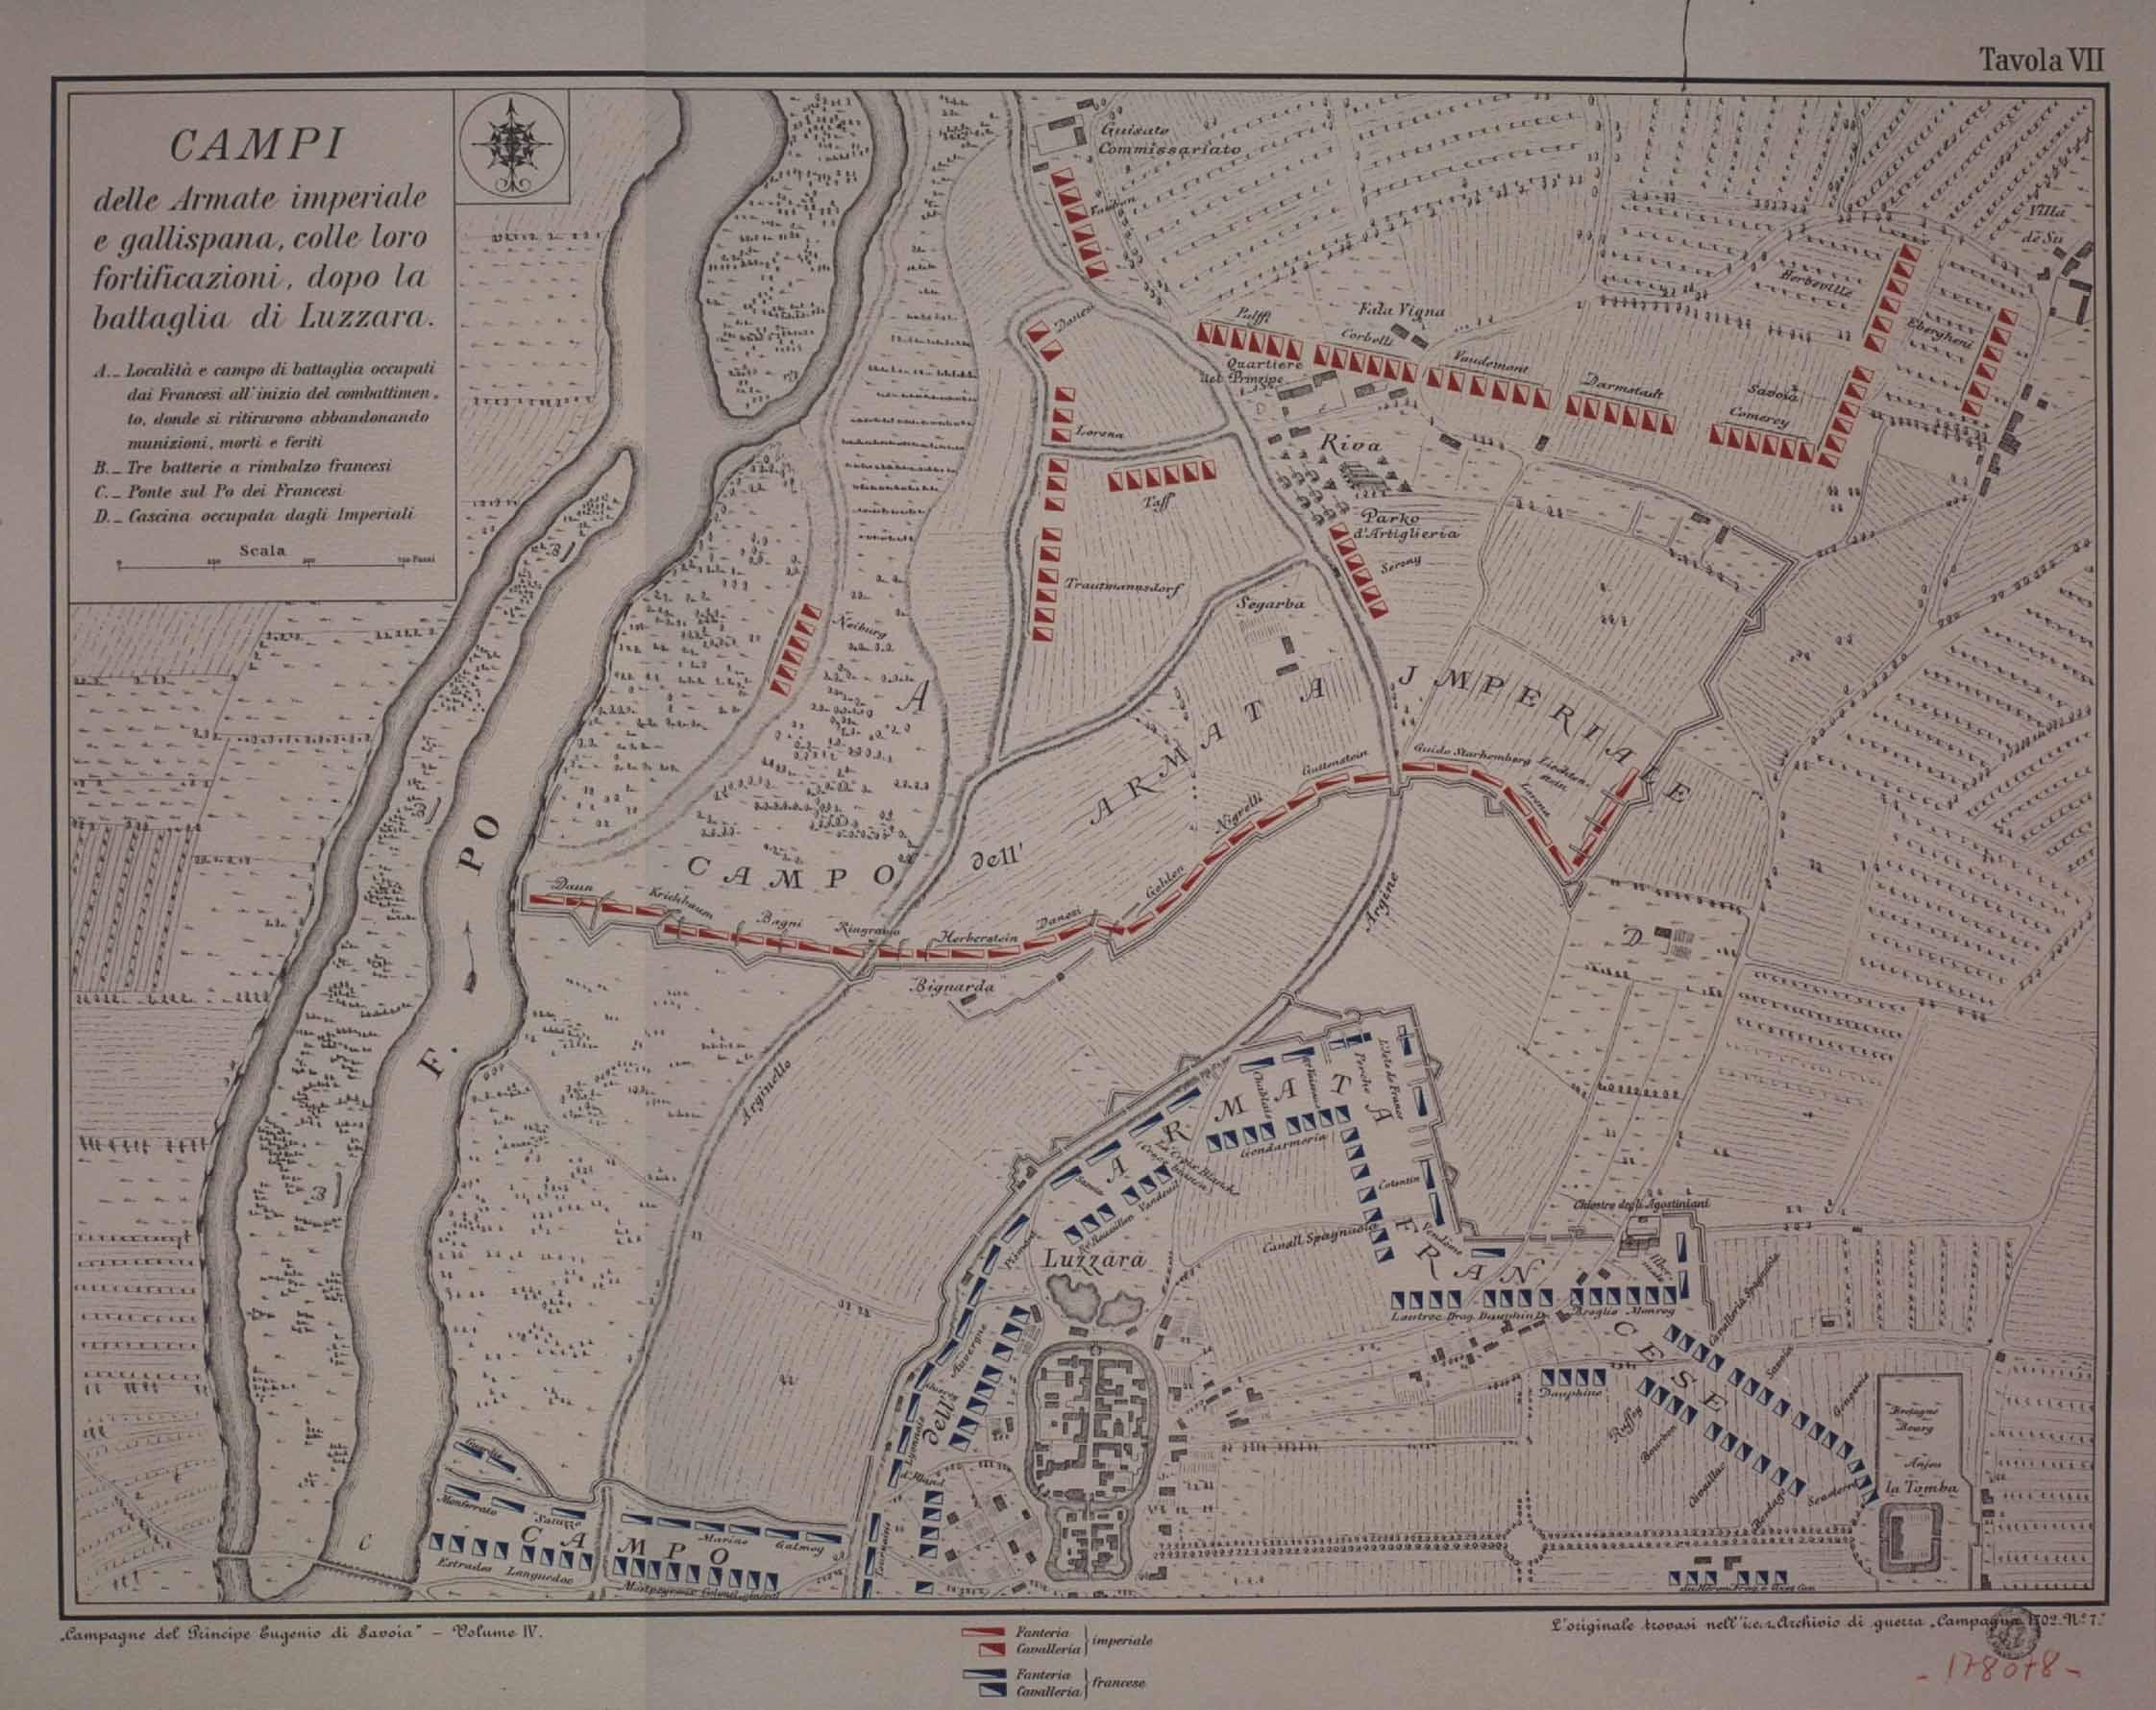 Batalla de Luzzara.